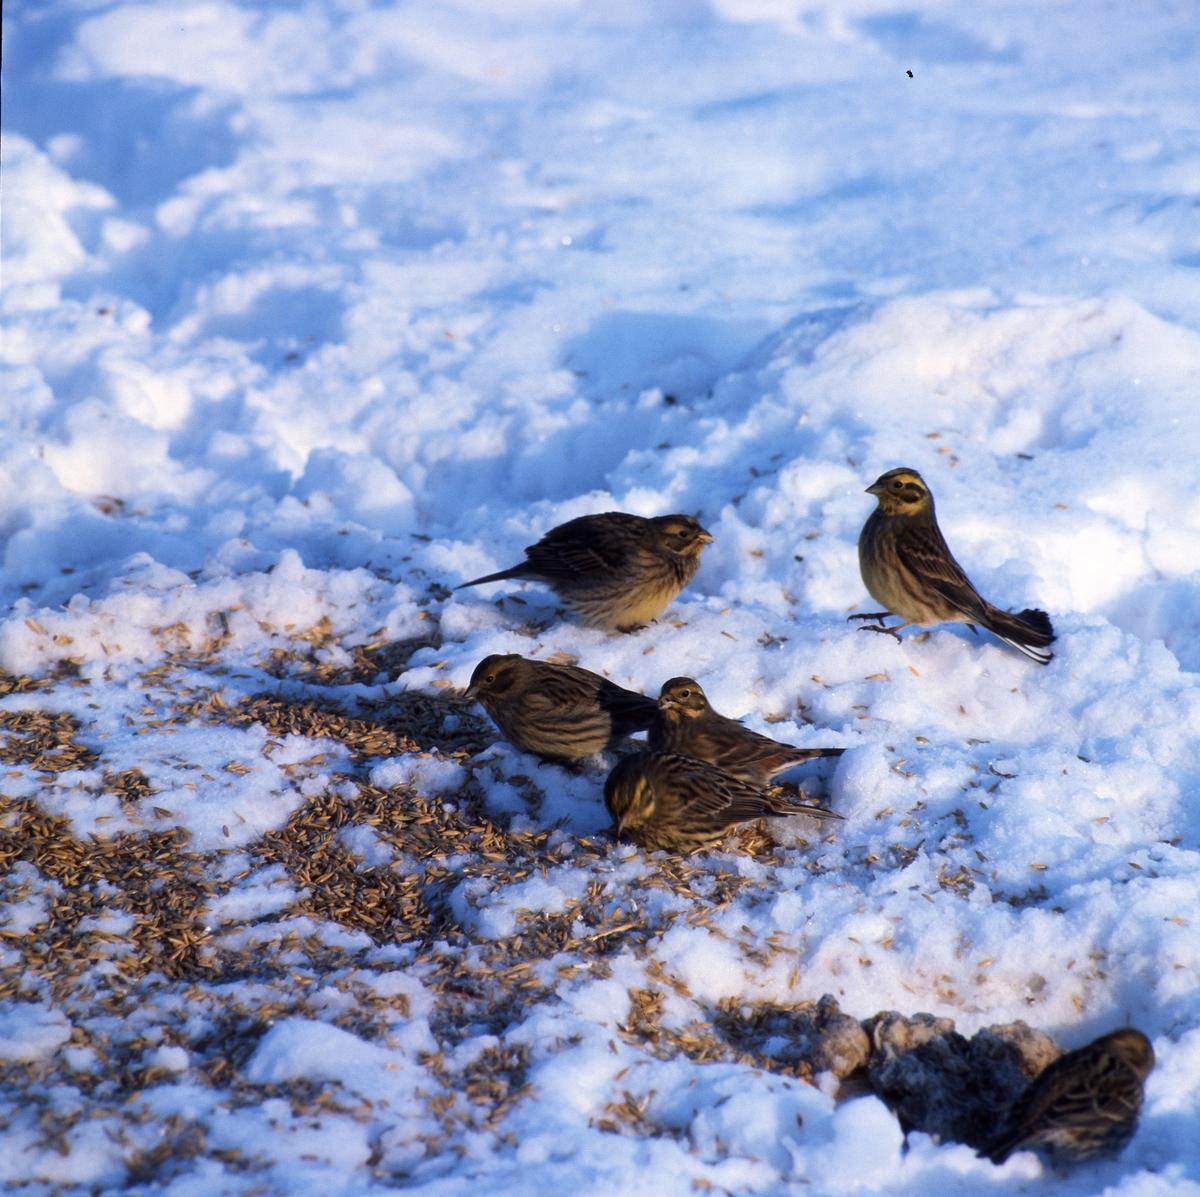 En flock småfåglar sitter på marken i snön och äter frön.